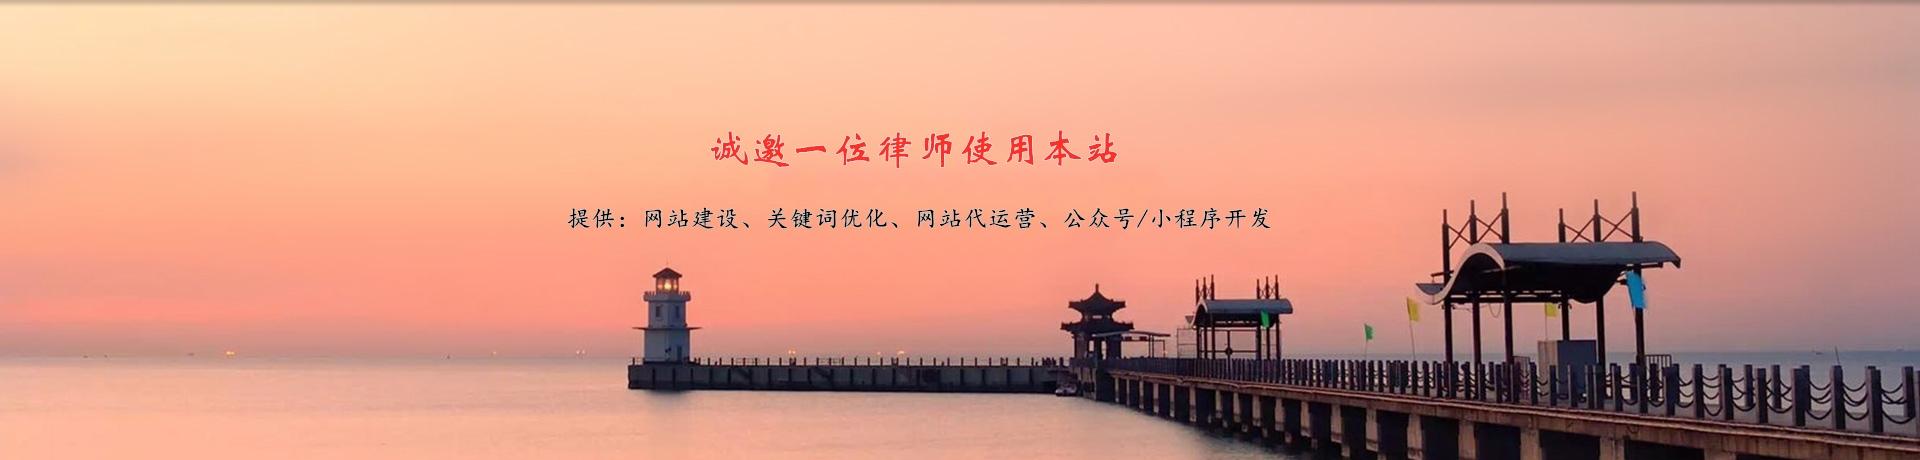 许昌律师111